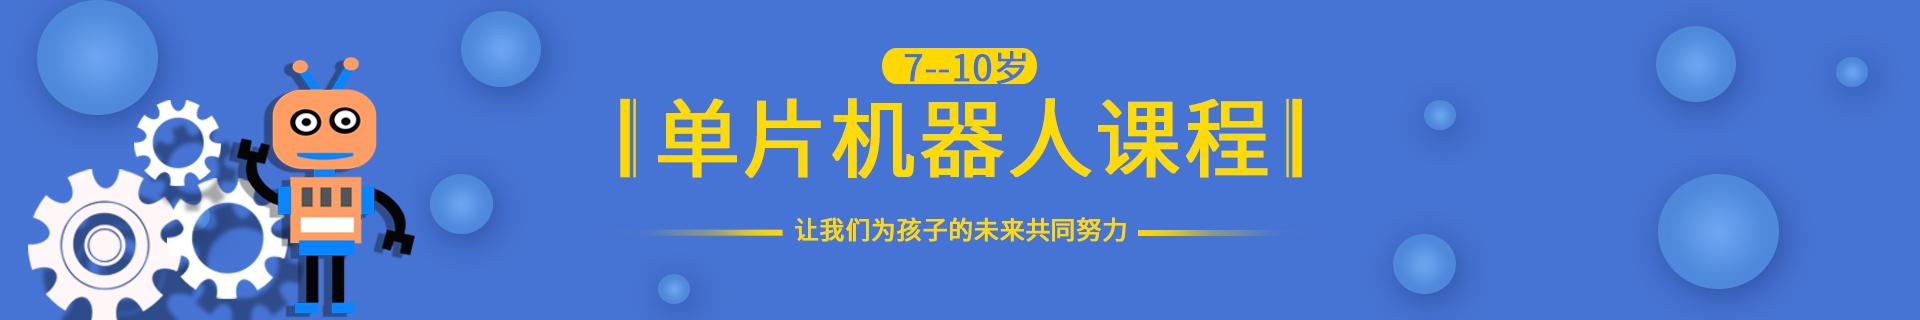 南宁东盟商务区乐博乐博少儿编程机构